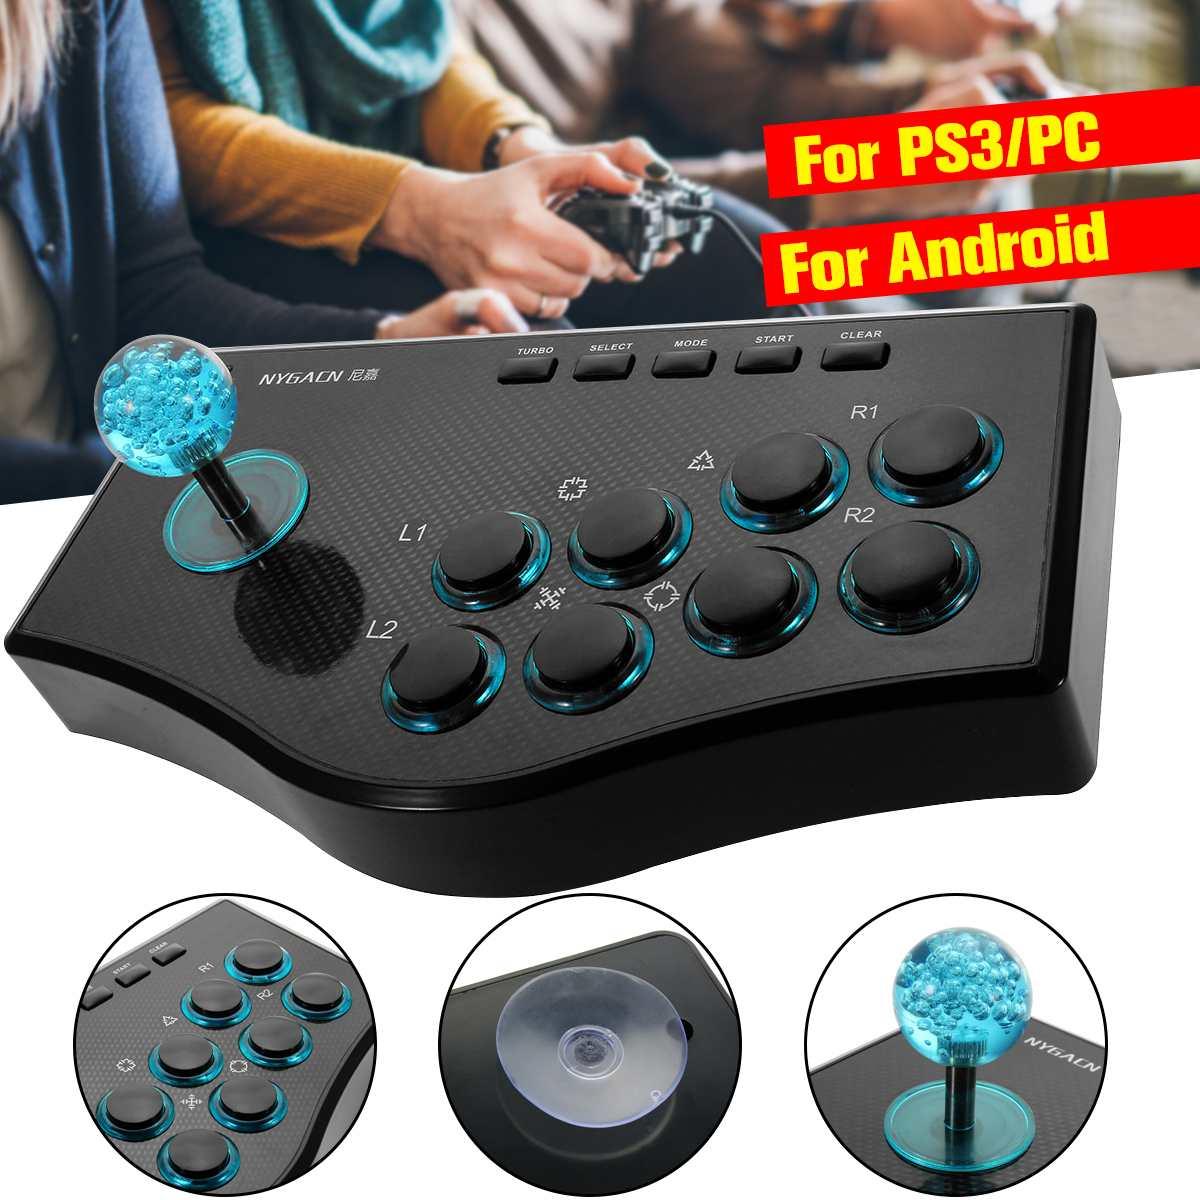 Usb controlador de jogo de balancim arcade joystick gamepad luta vara para ps3/pc para android plug and play rua luta sentimento